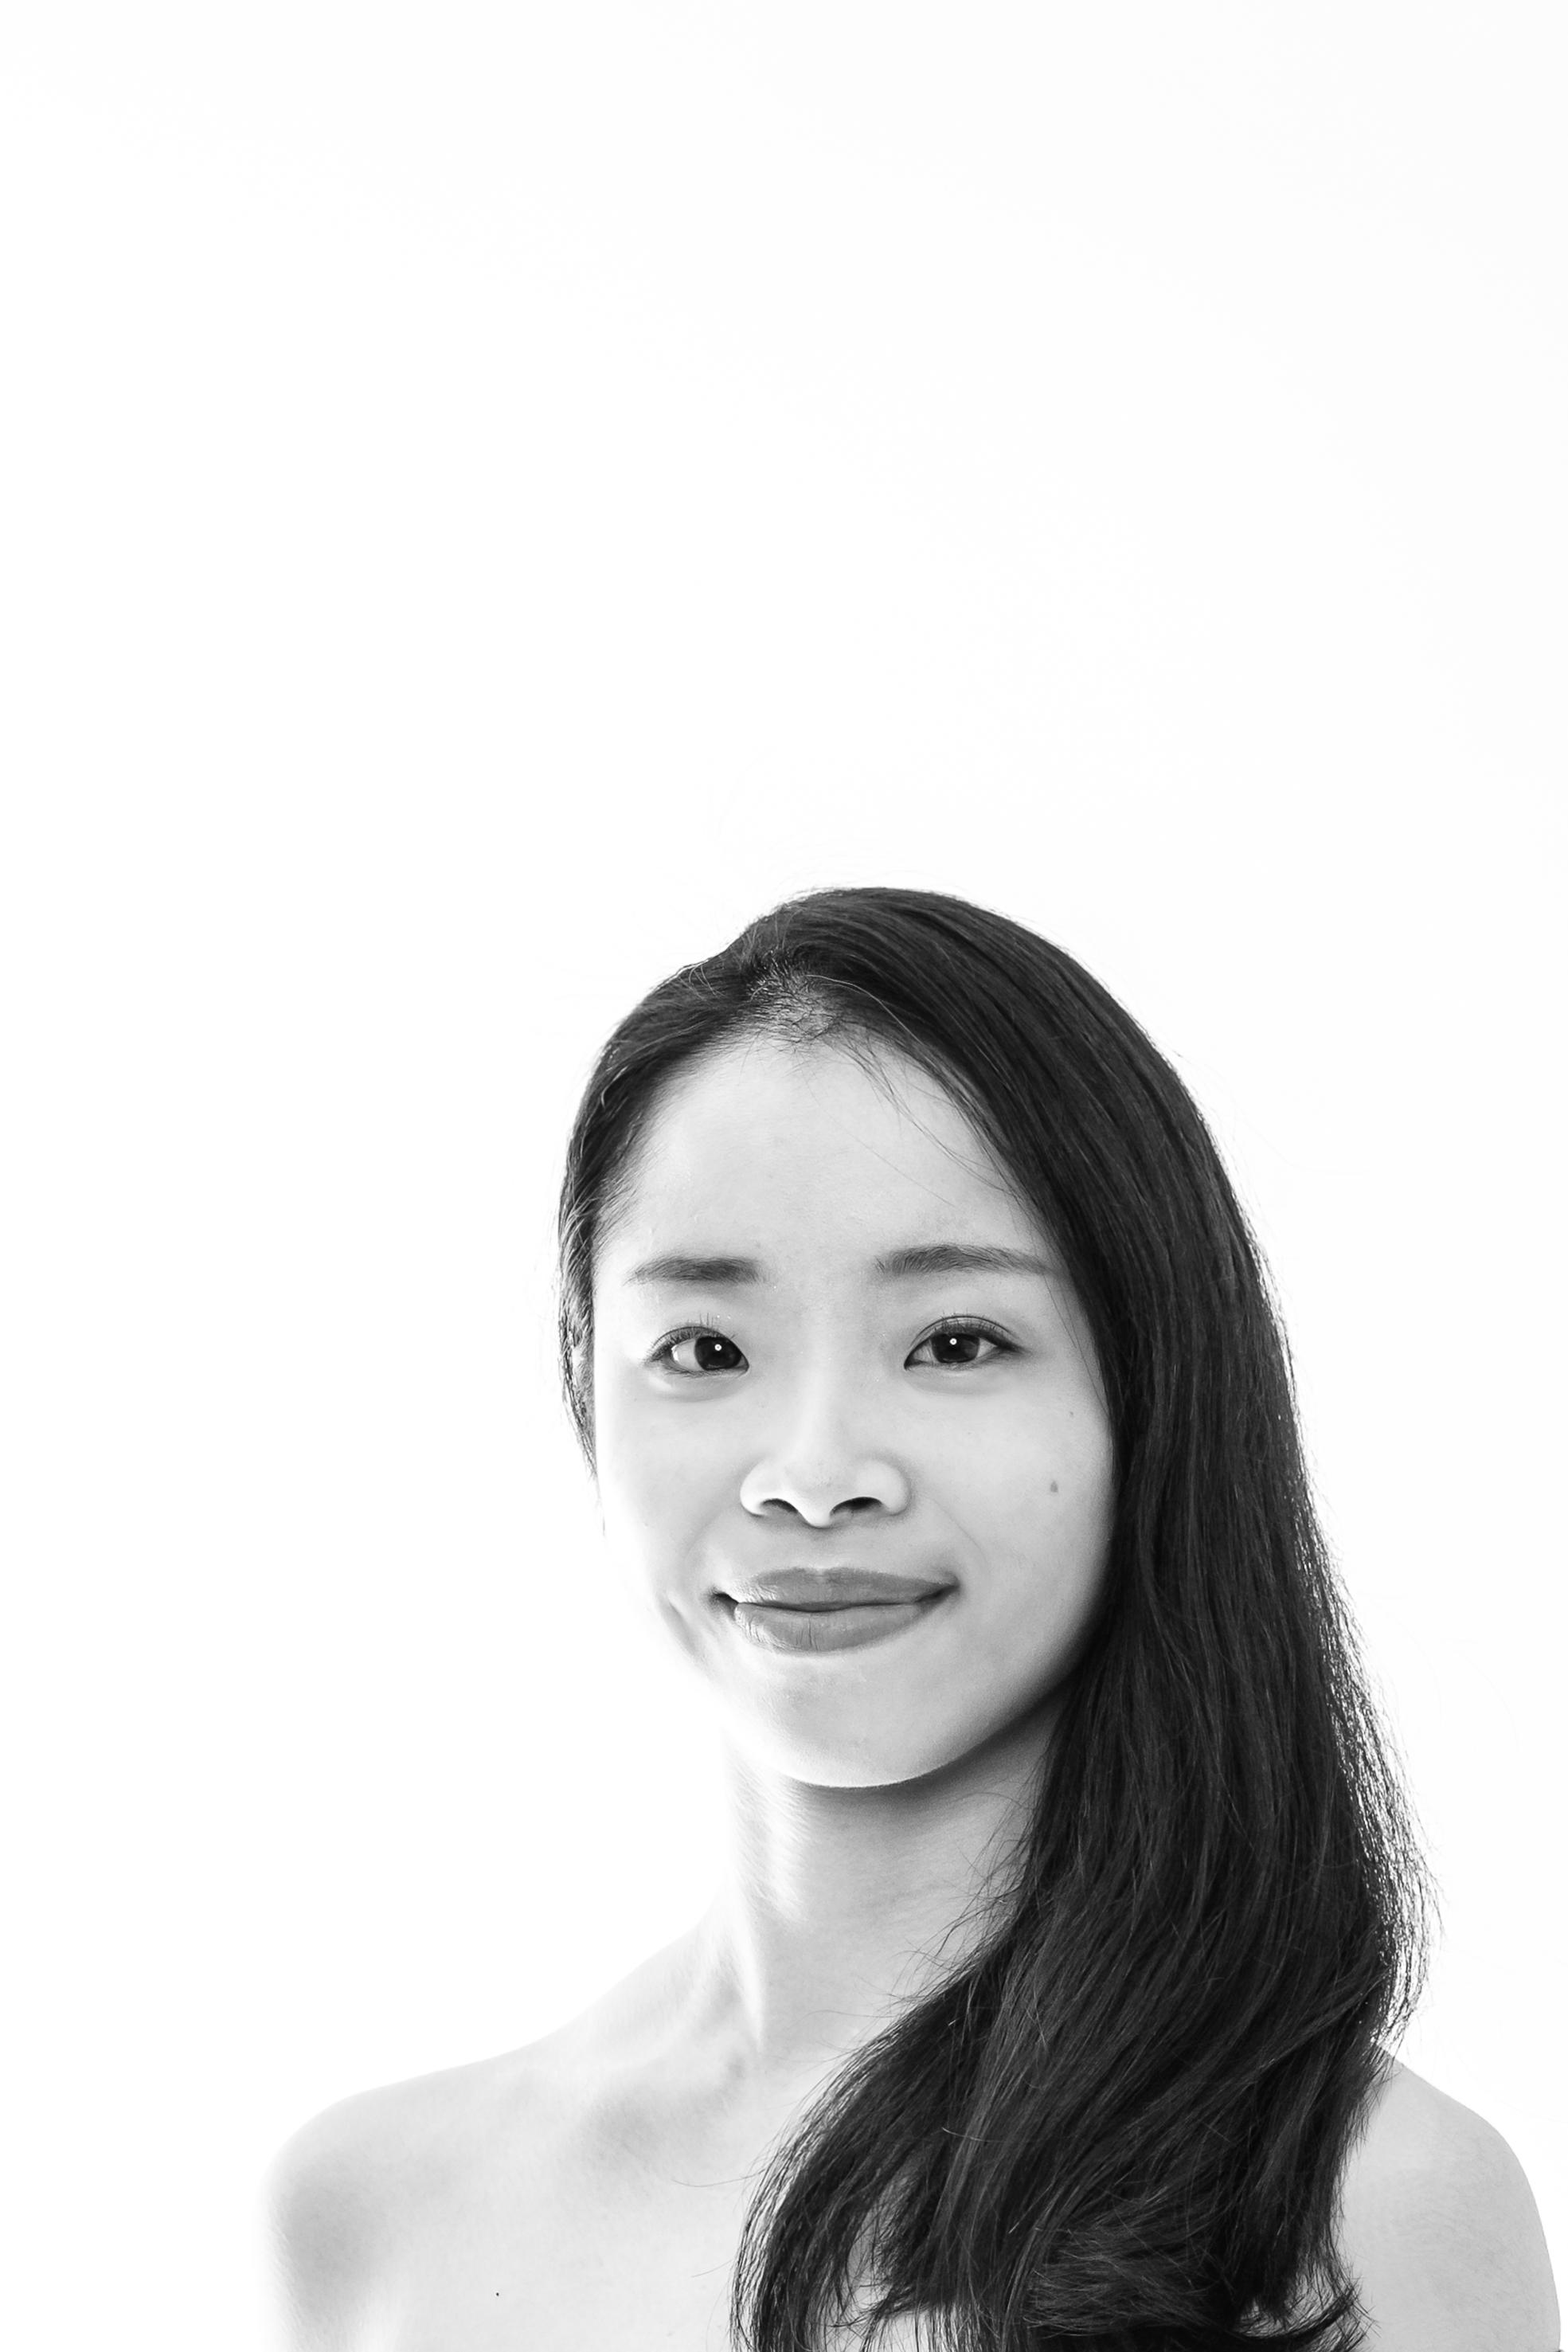 Shiori Ikedo